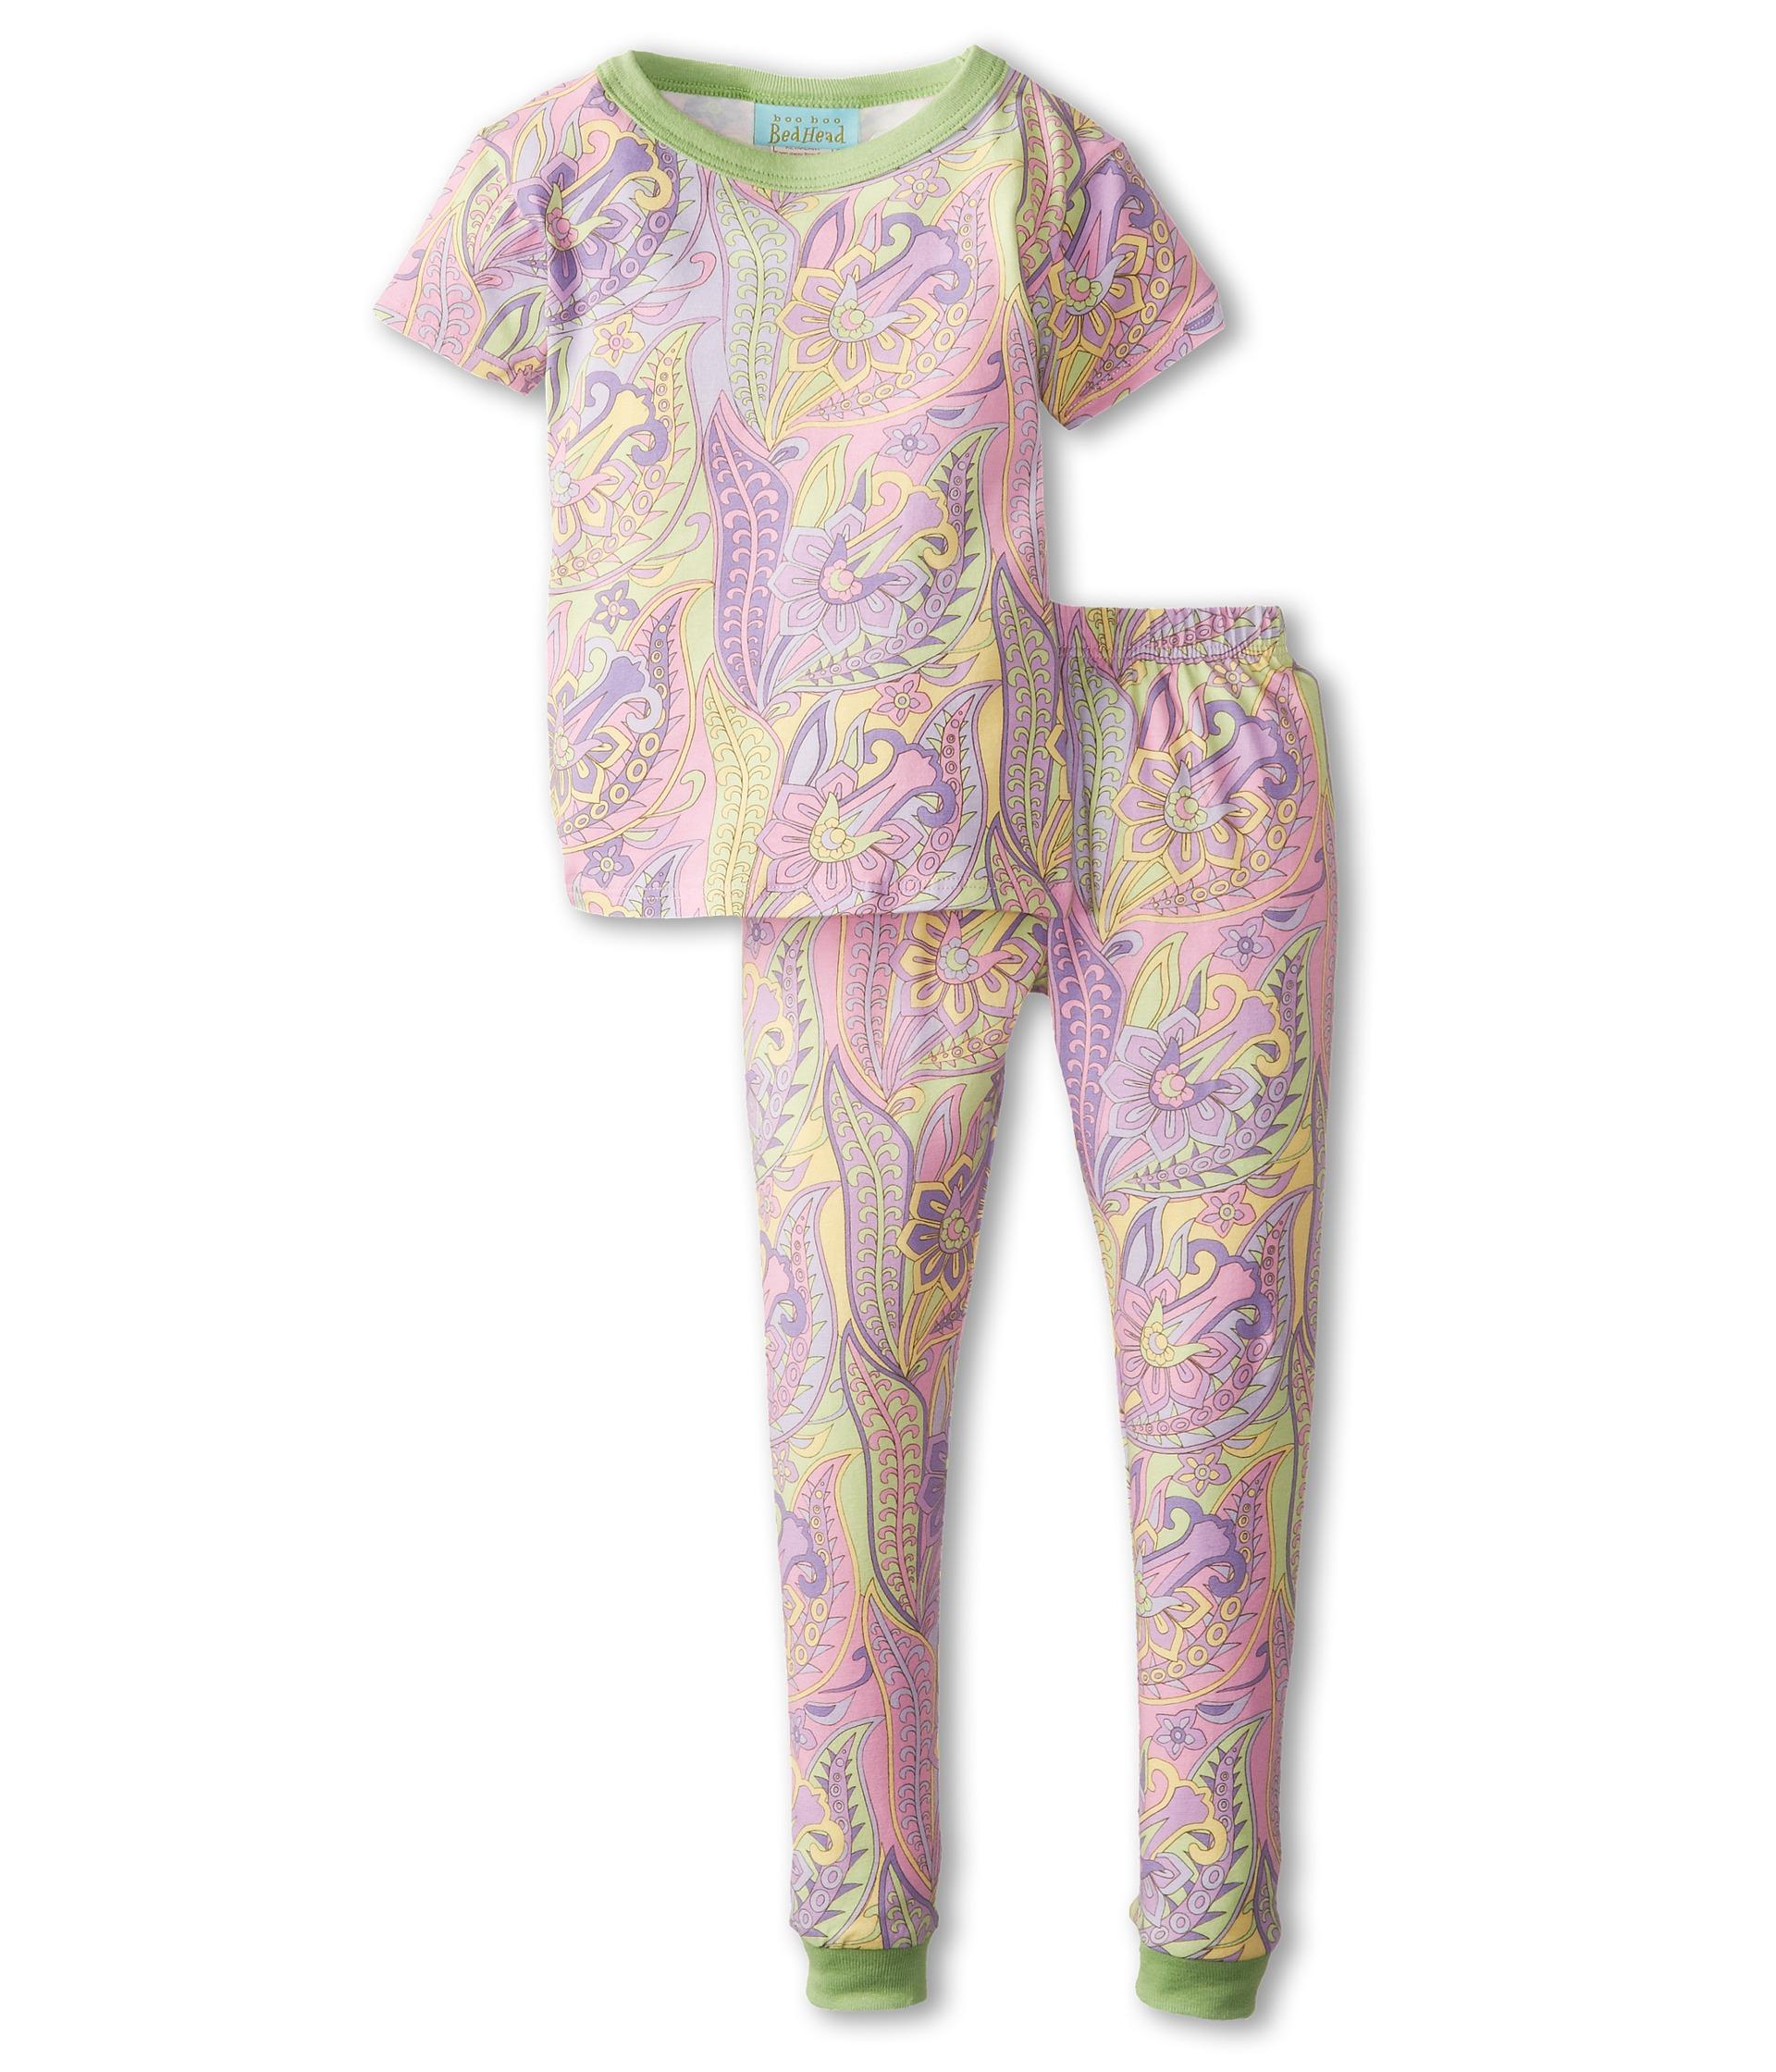 Kids Flannel Pjs Tee And Pant Set Sleepwear Free | Auto ...